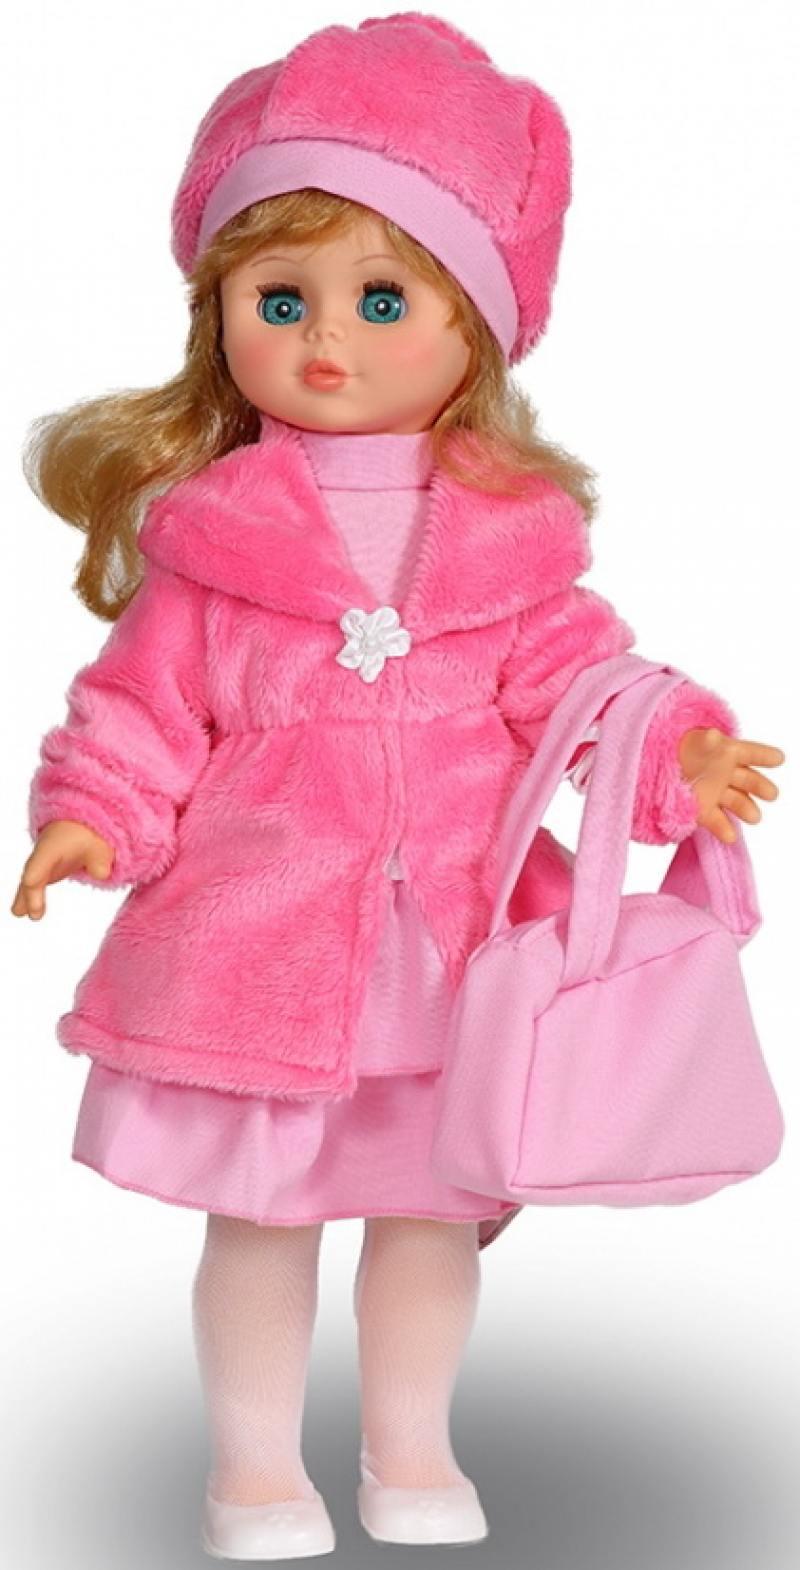 Кукла ВЕСНА Оля 1 (озвученная) В1955/о весна весна кукла христина 1 озвученная 35 см